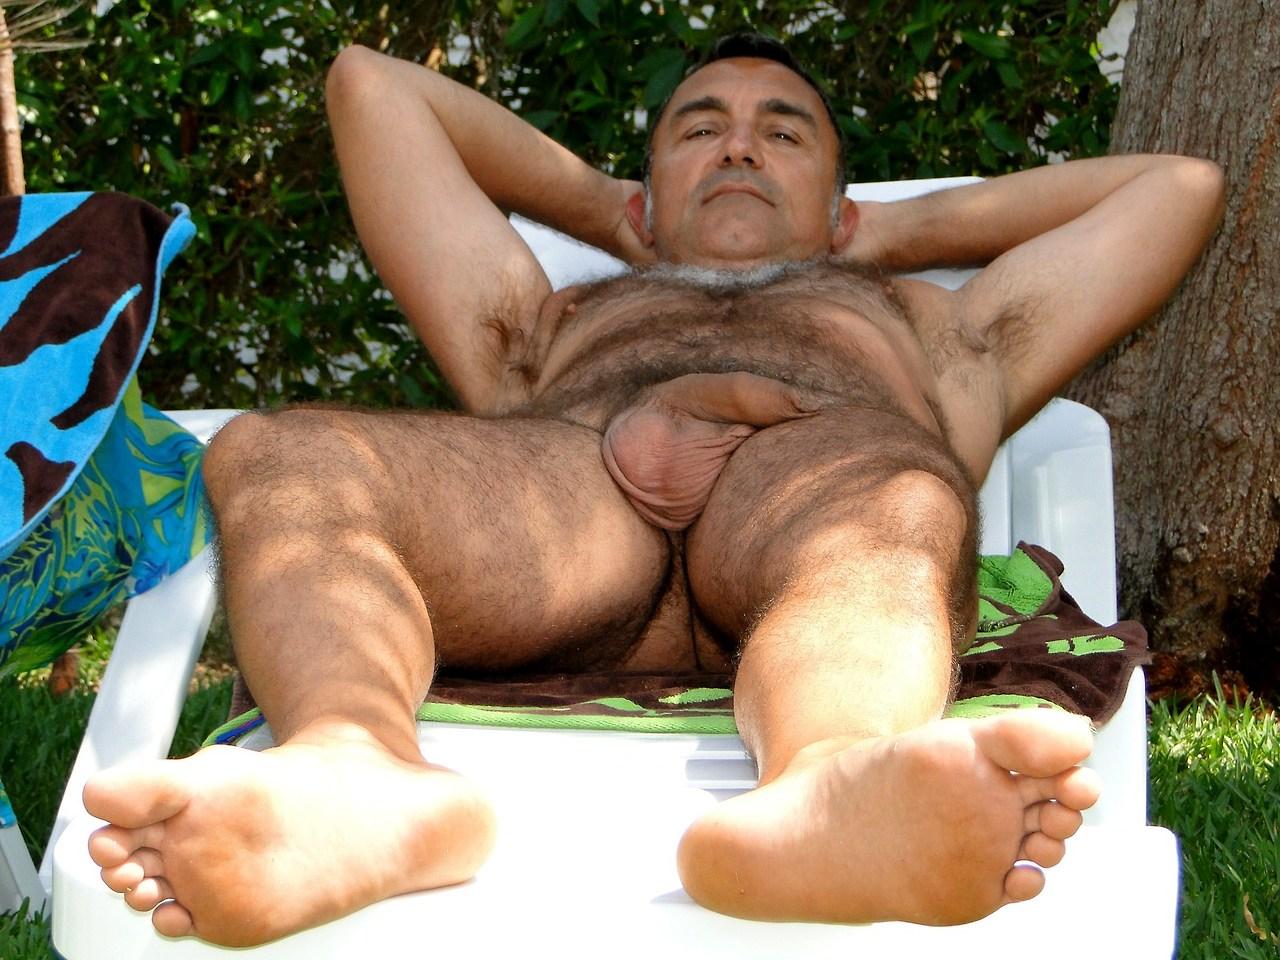 starie-muzhiki-erotika